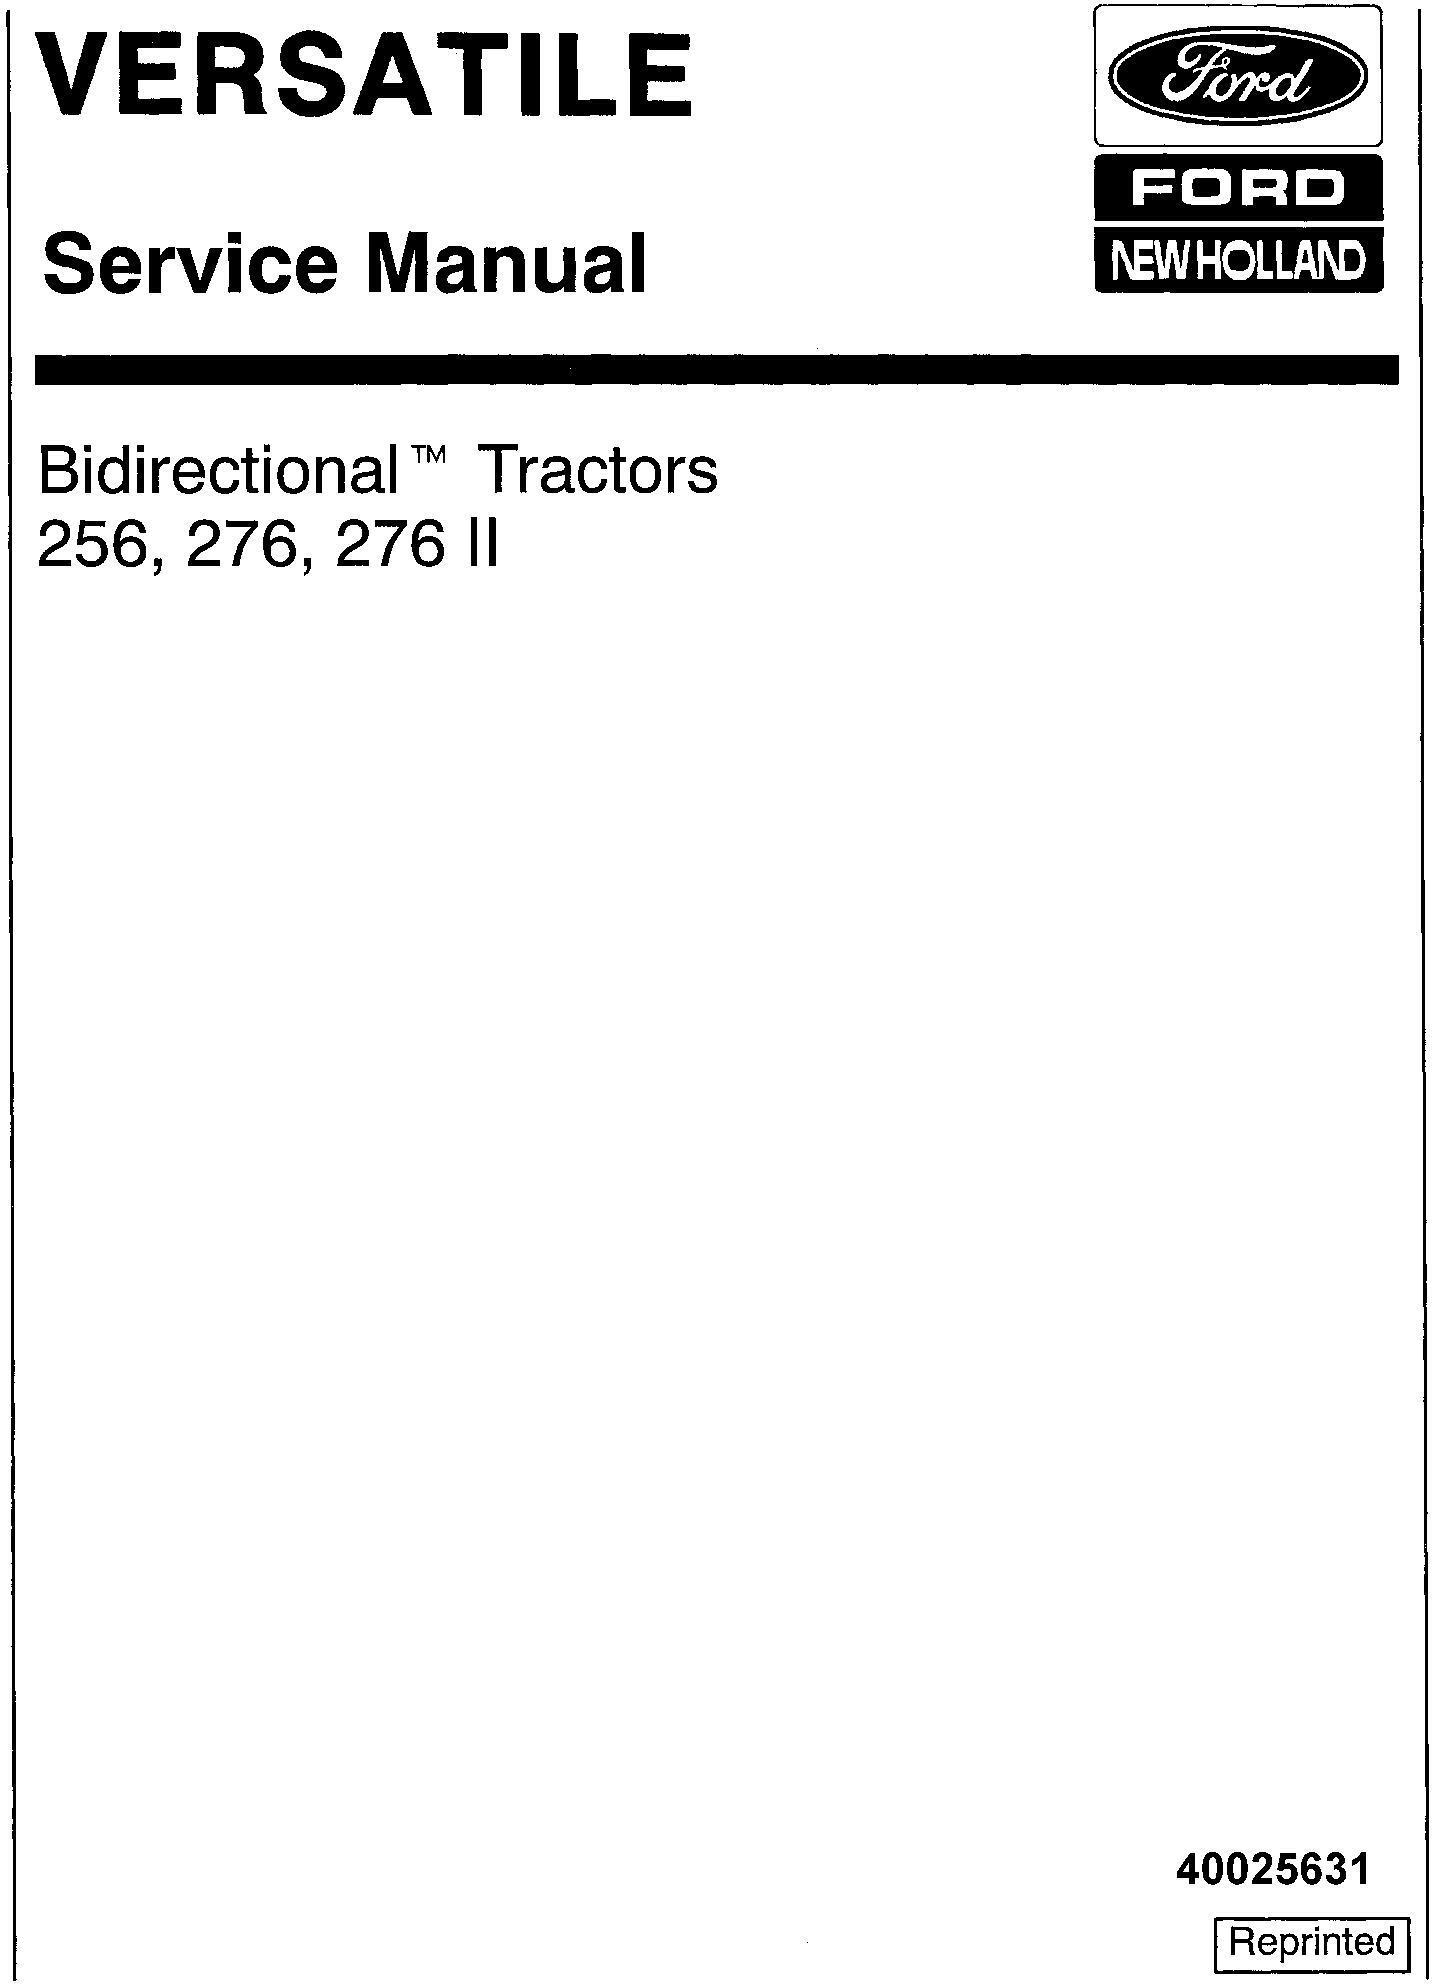 Ford 256, 276, 276 II Bi-directional Versatile Tractor